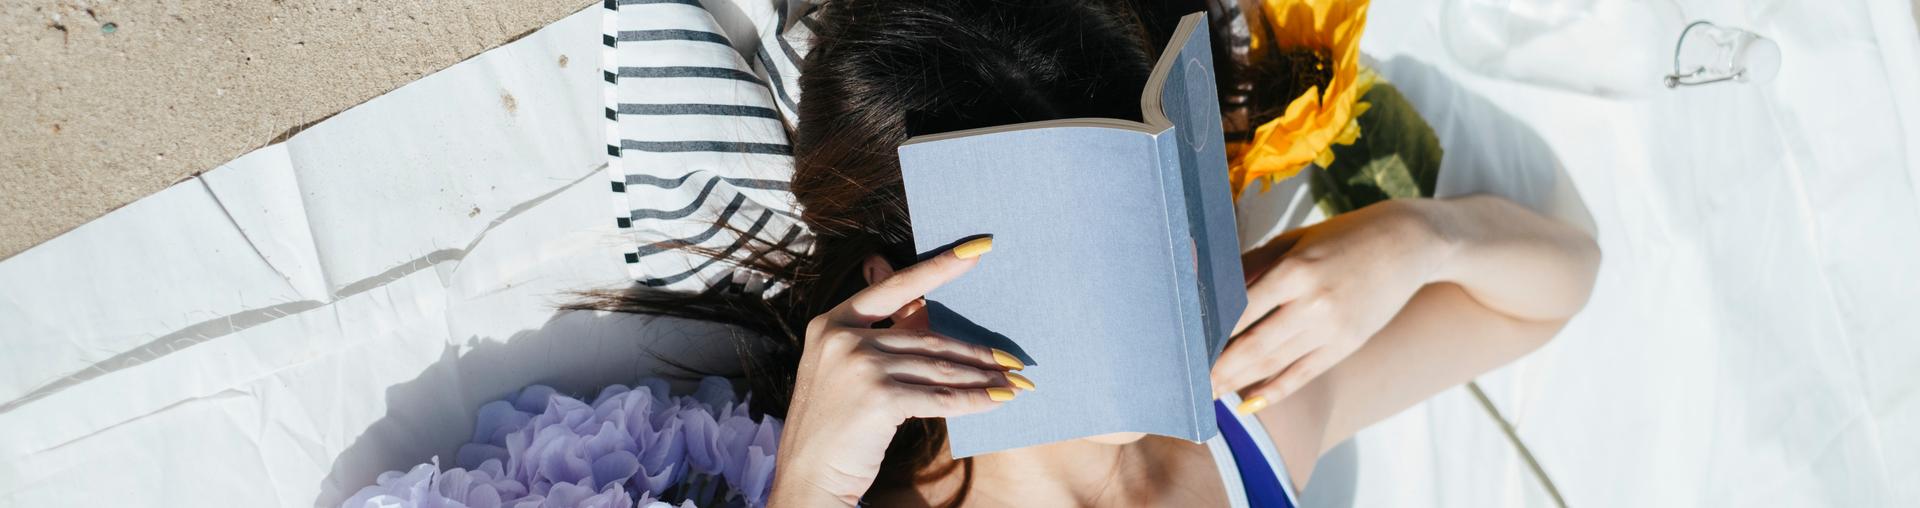 Cărți care te ajută să-ți atingi obiectivele